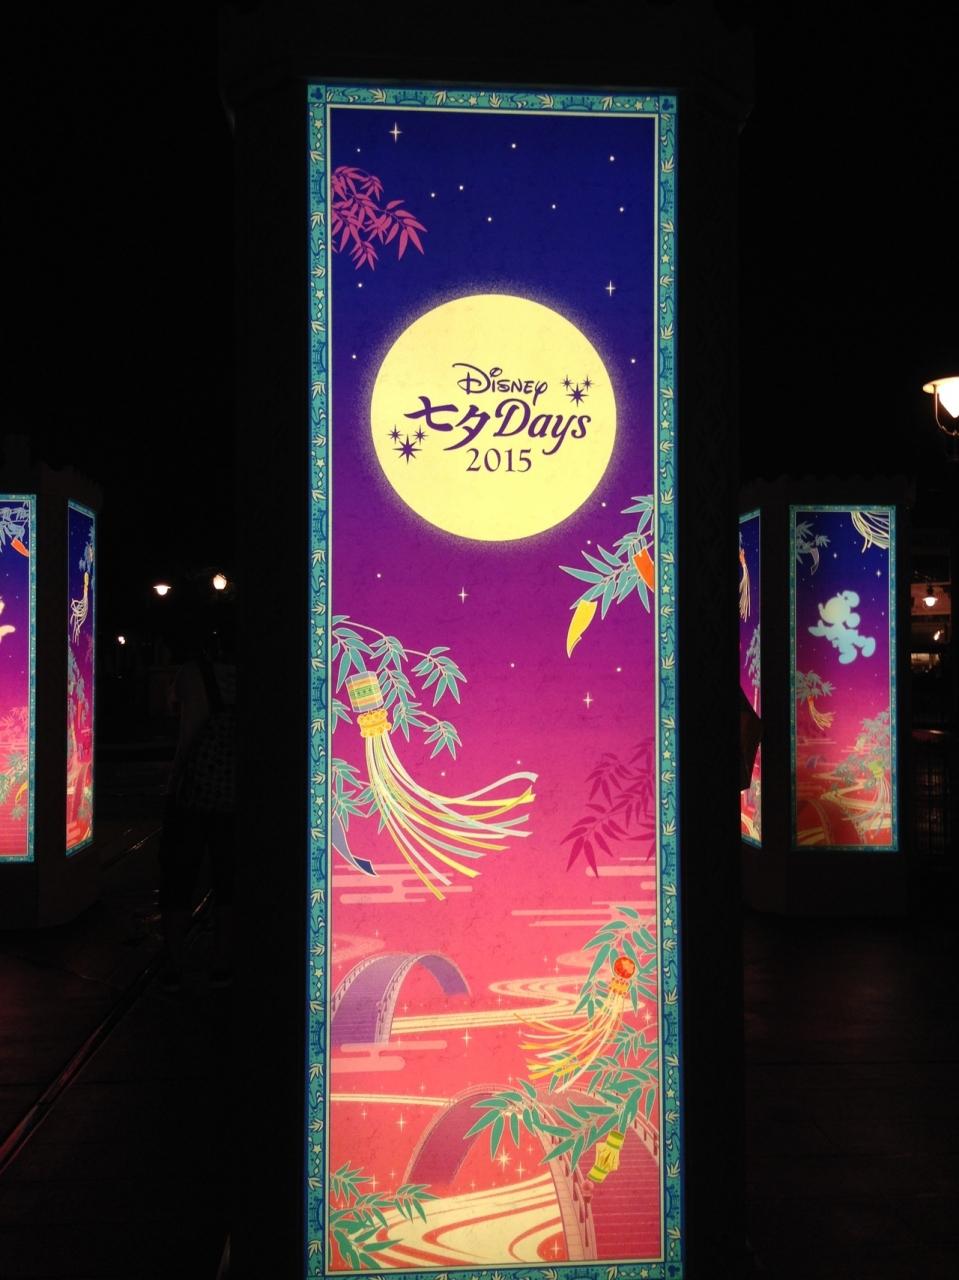 jalでディズニー 2日目』東京ディズニーリゾート(千葉県)の旅行記